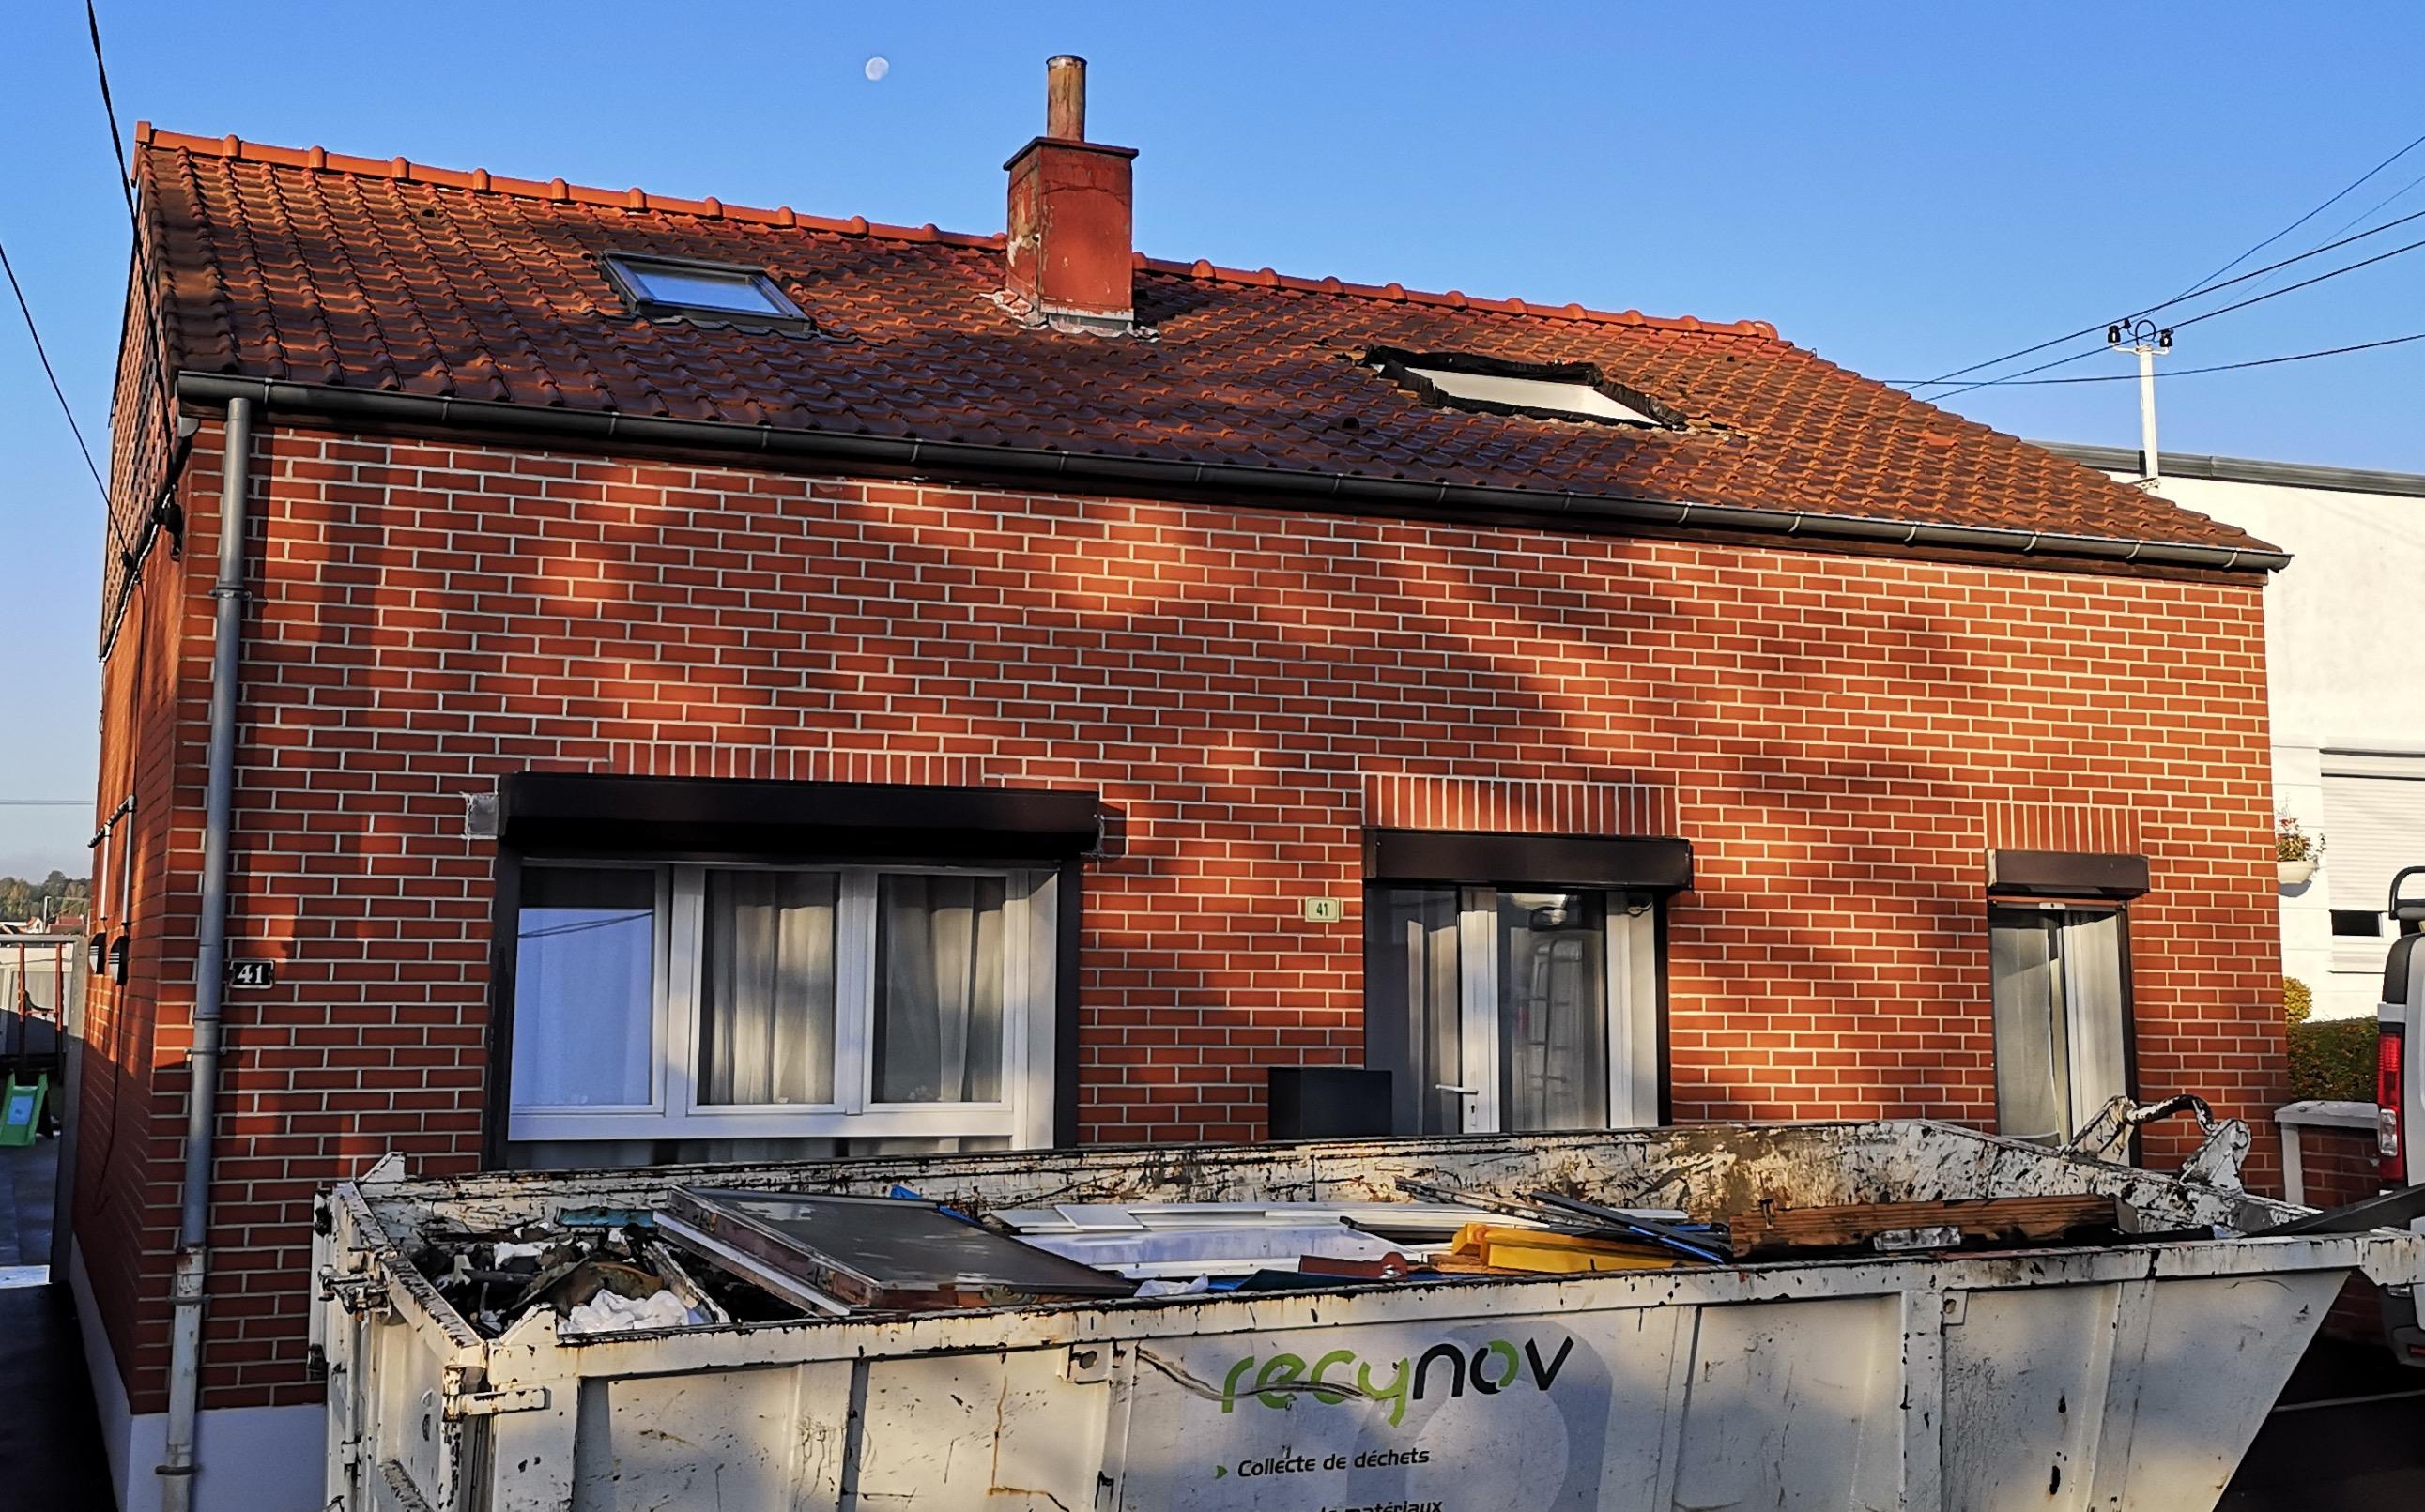 Toiture Sale - Nettoyage et enlever la cheminée